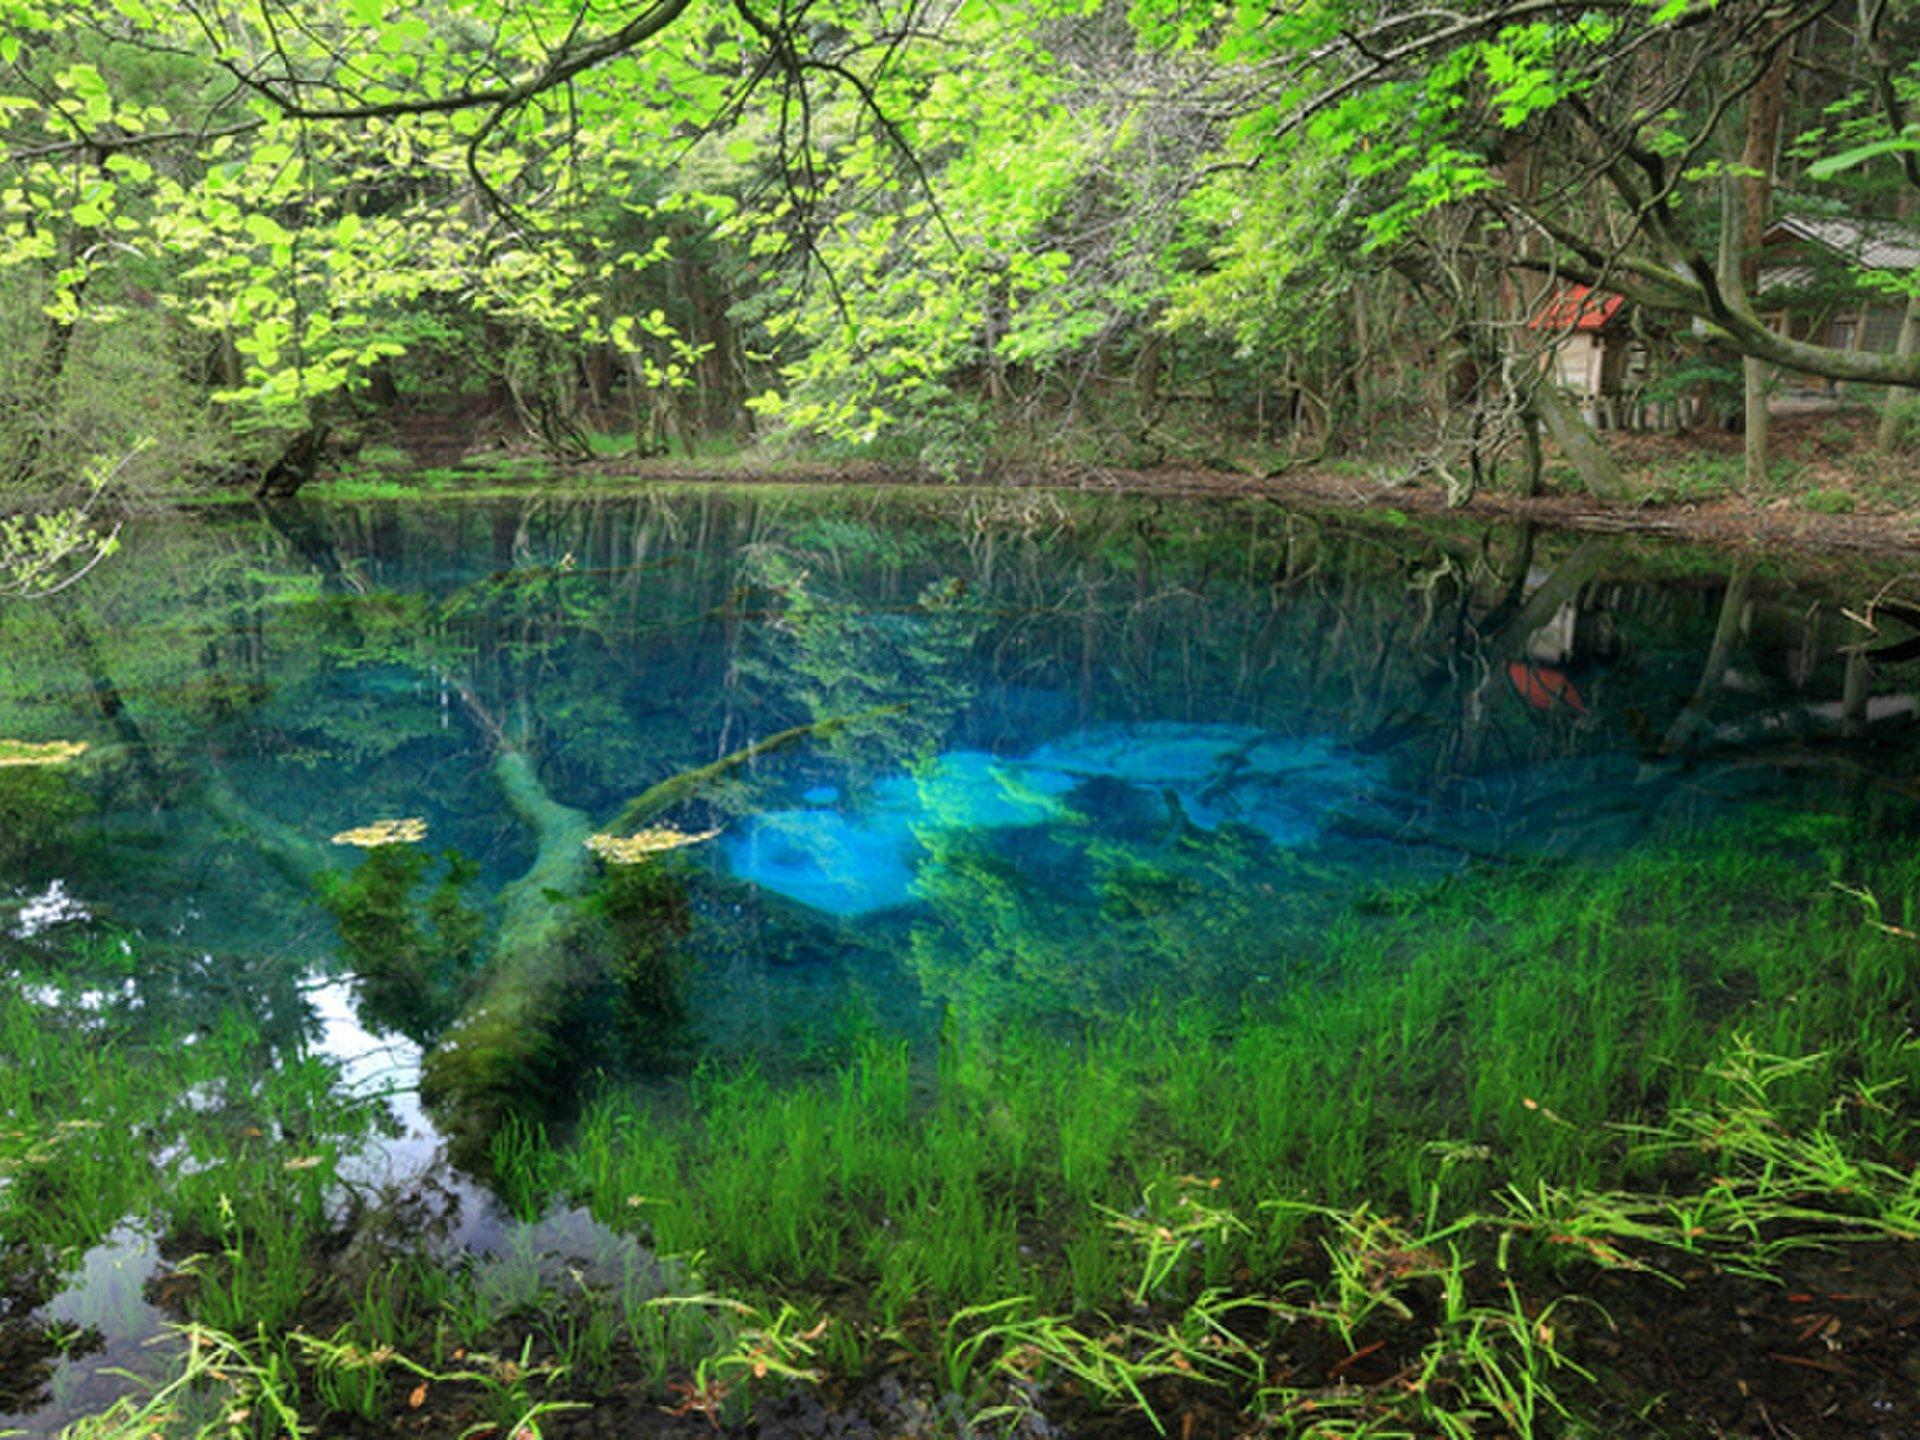 春に行きたい♡山形県でおすすめの観光スポットランキングTOP10!